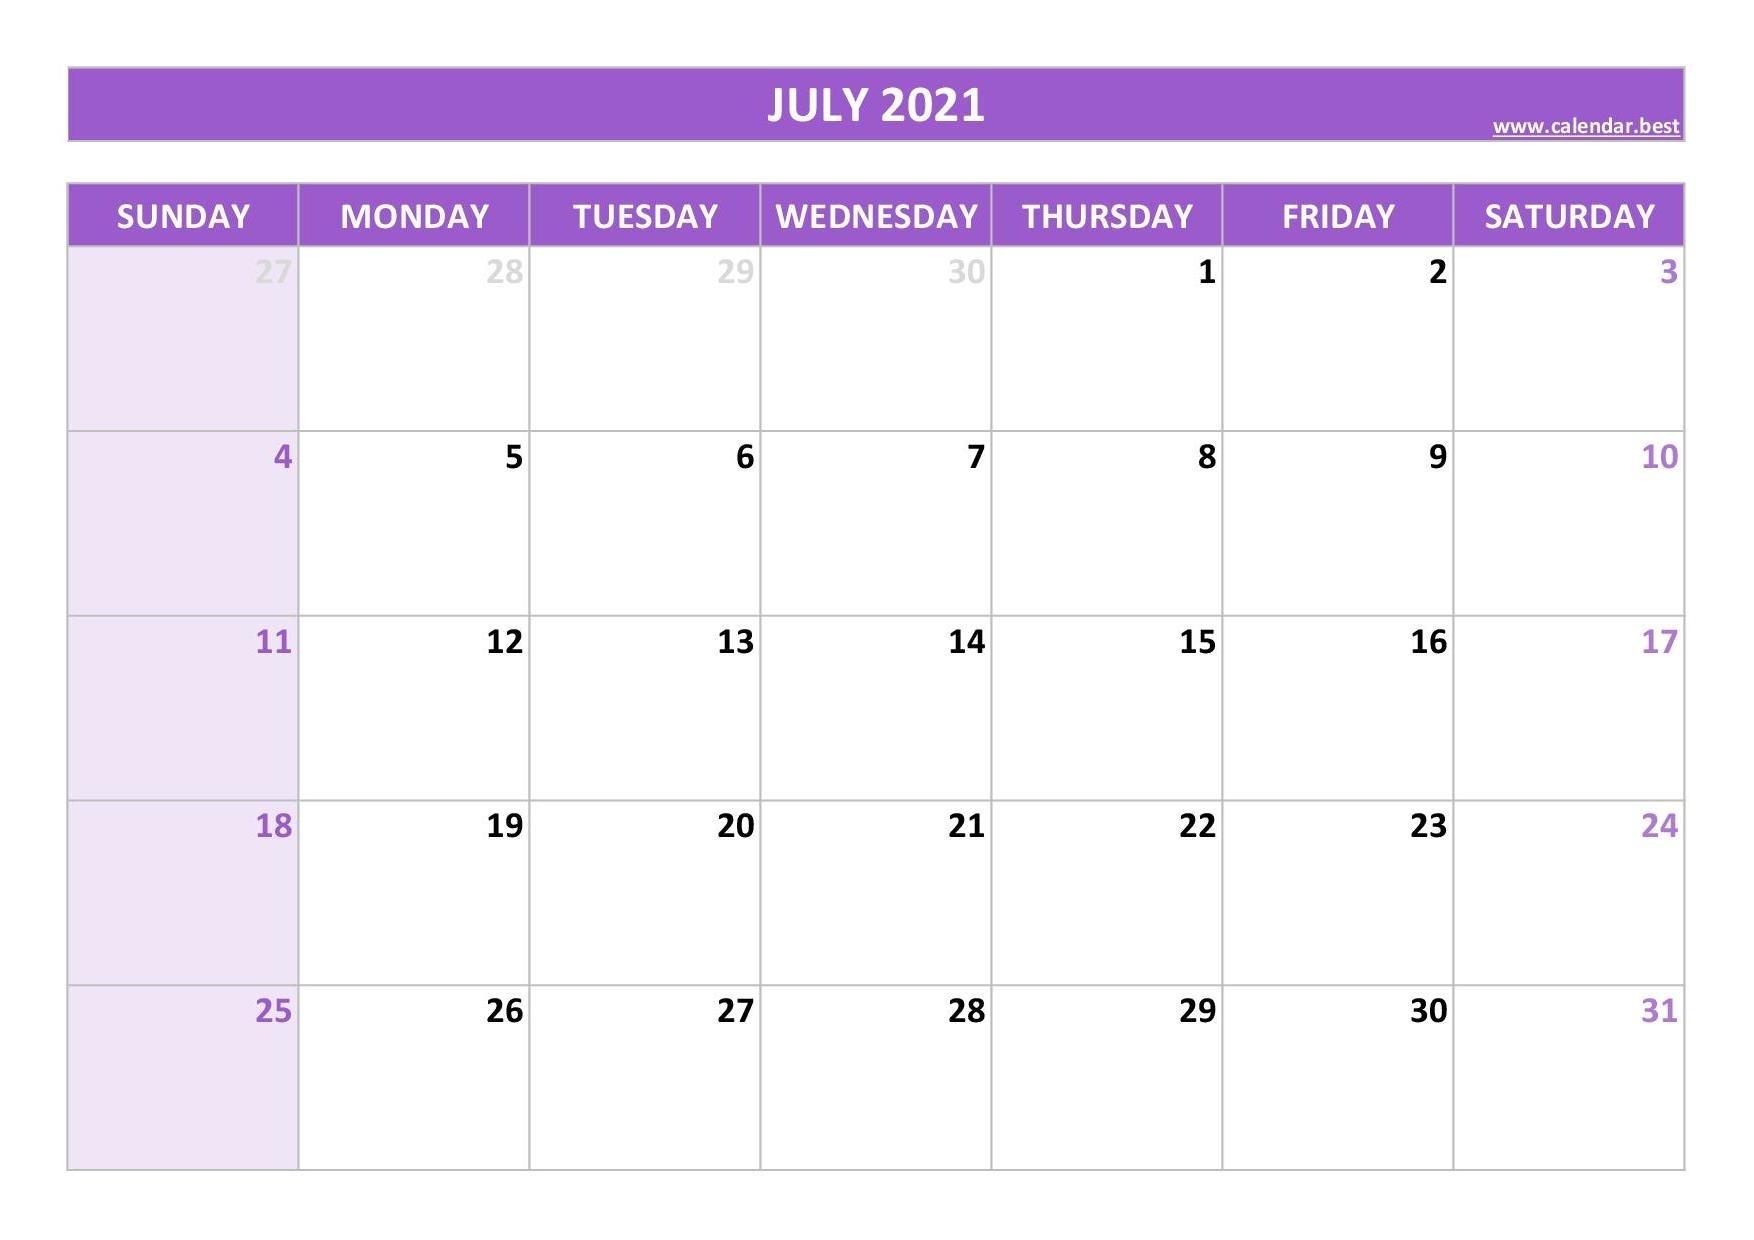 July 2021 Calendar -Calendar.best Calendar For The Month Of July 2021